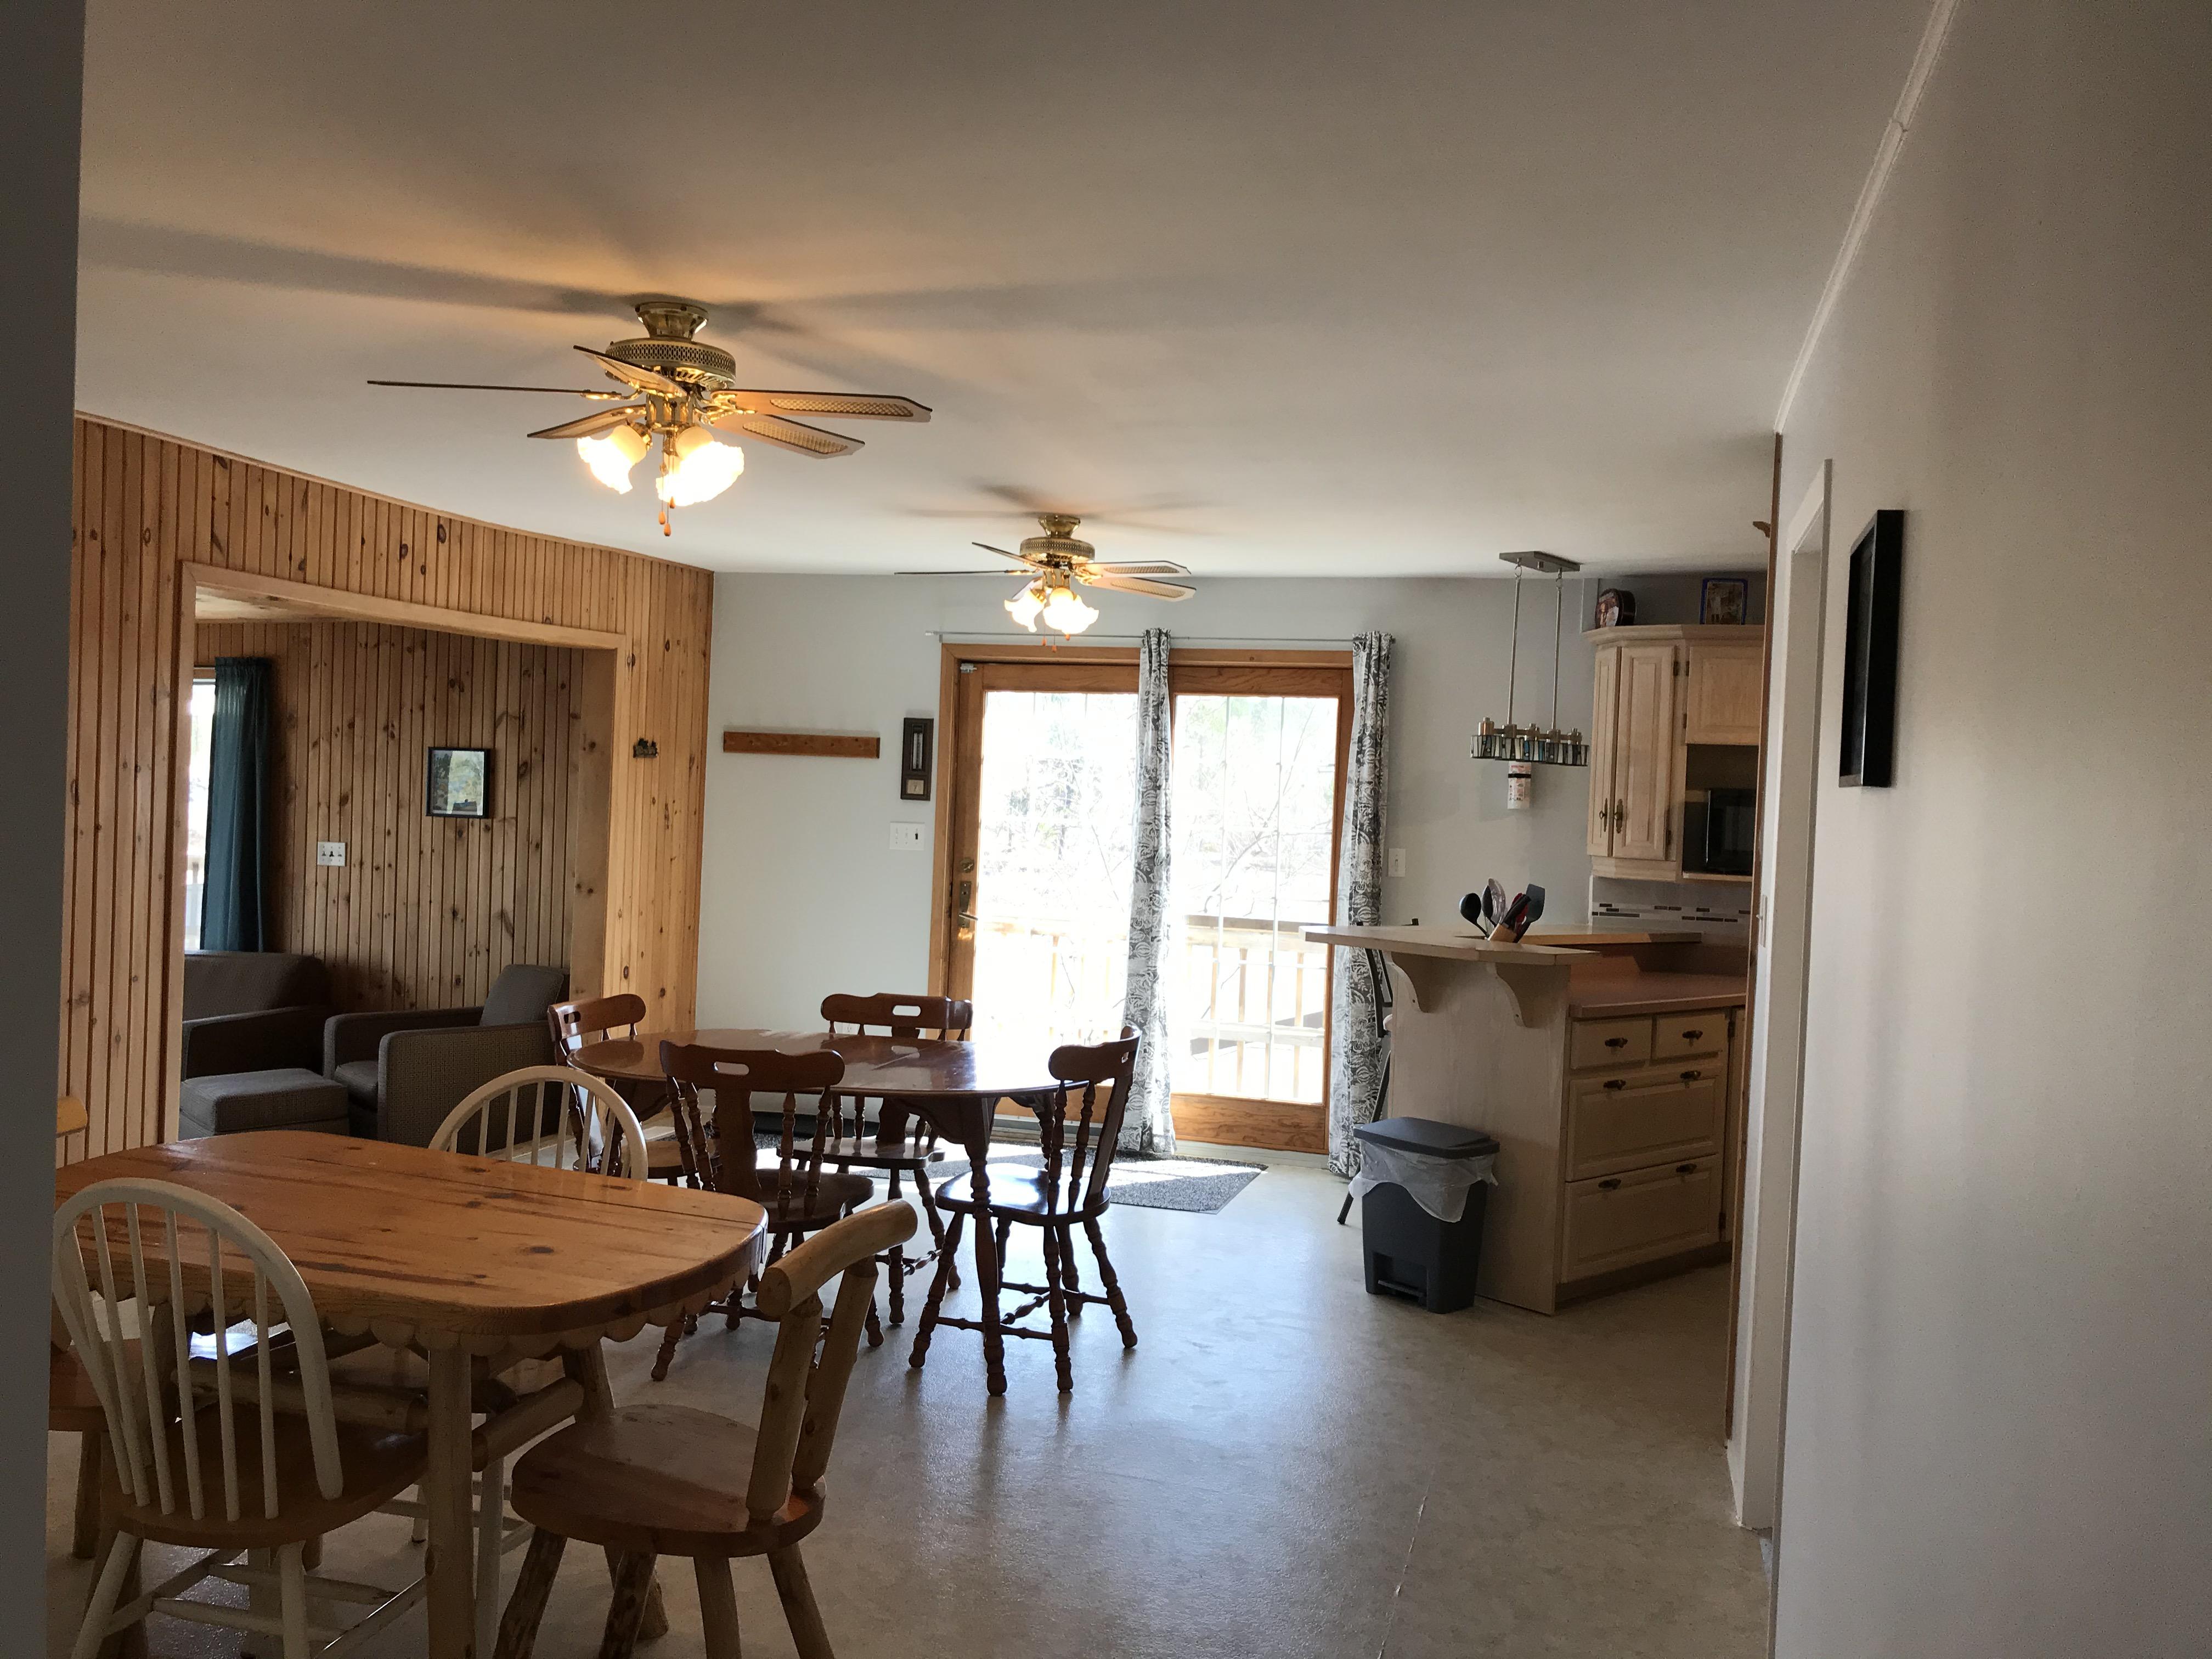 Cabin 6 dinning room